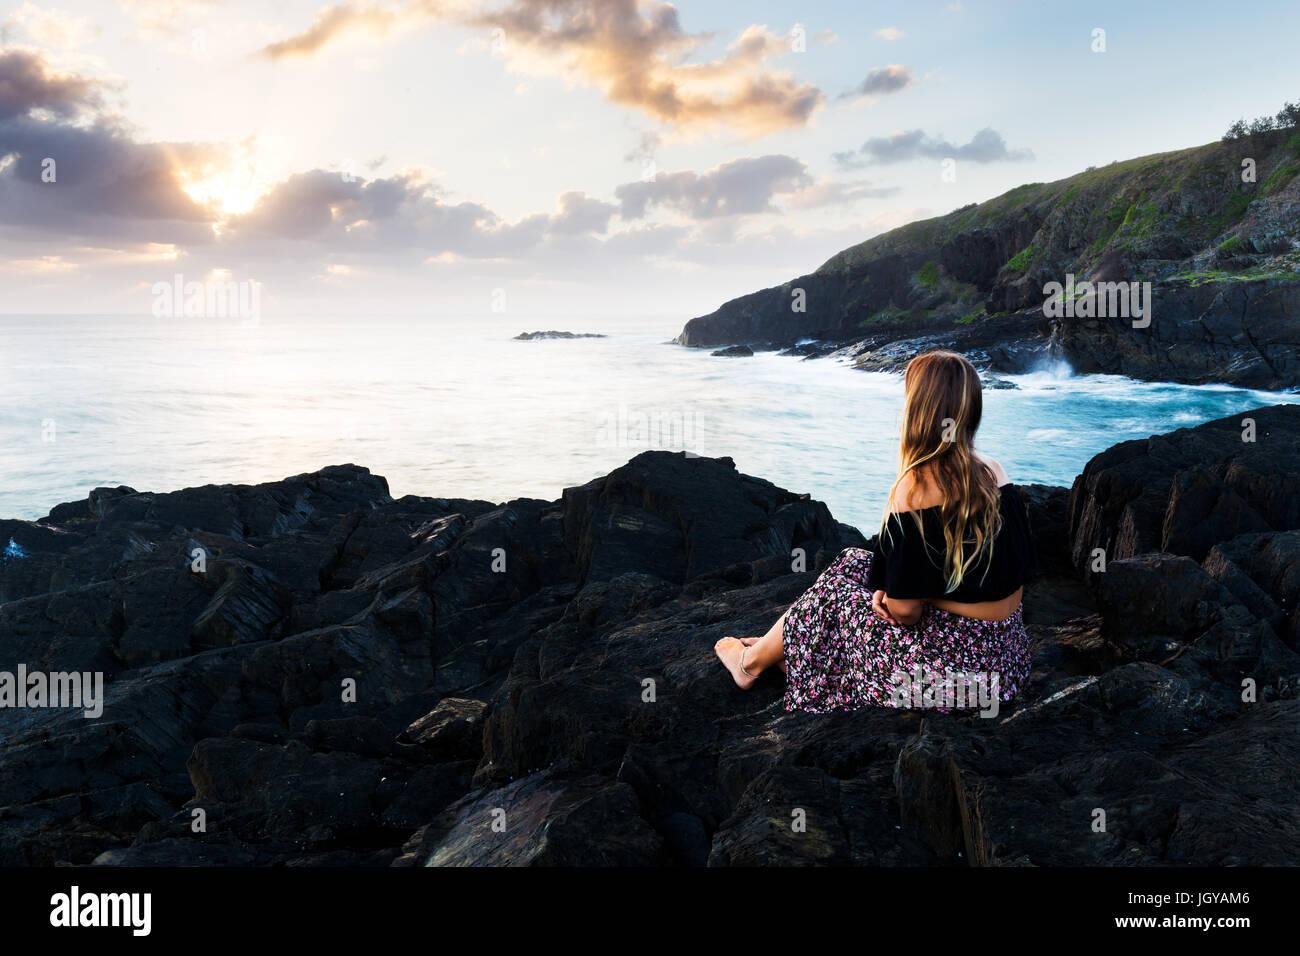 Una bella bohemian-stile ragazza siede su di un promontorio roccioso e guarda il sole del mattino scoppiano sopra Immagini Stock